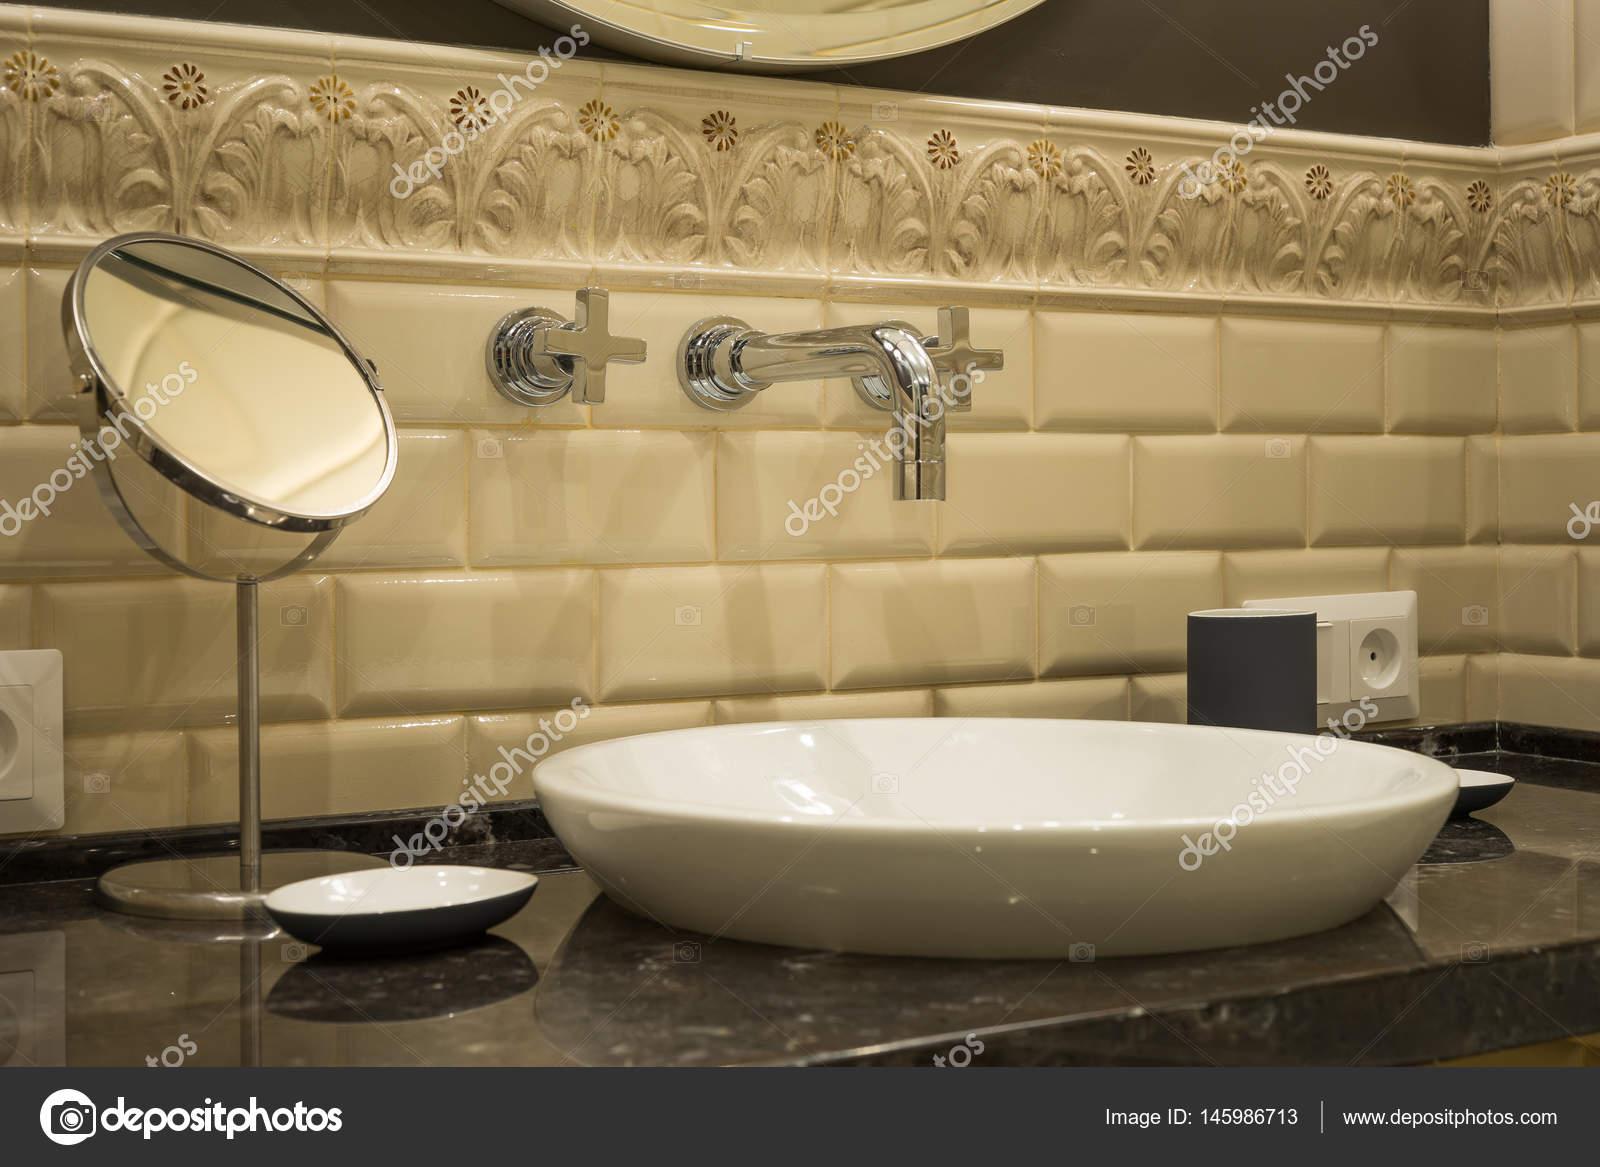 Wastafel kraan spiegel in een luxueuze badkamer u stockfoto